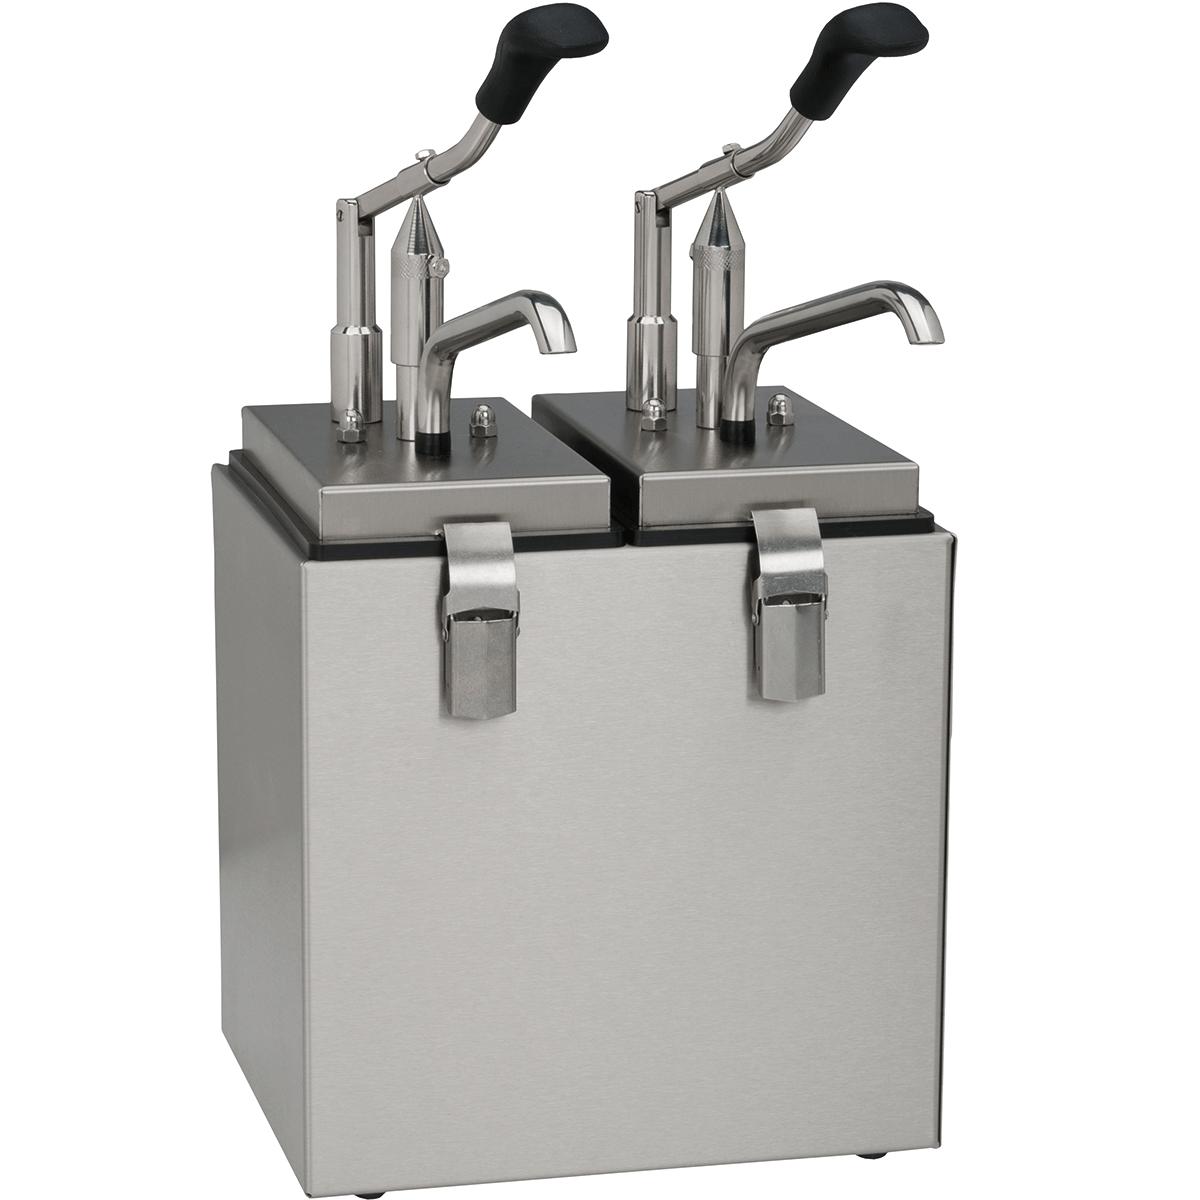 Dosatori Multipli A Leva Per Salse  (2,5 Litri / Da 1 A 6 Scomparti)